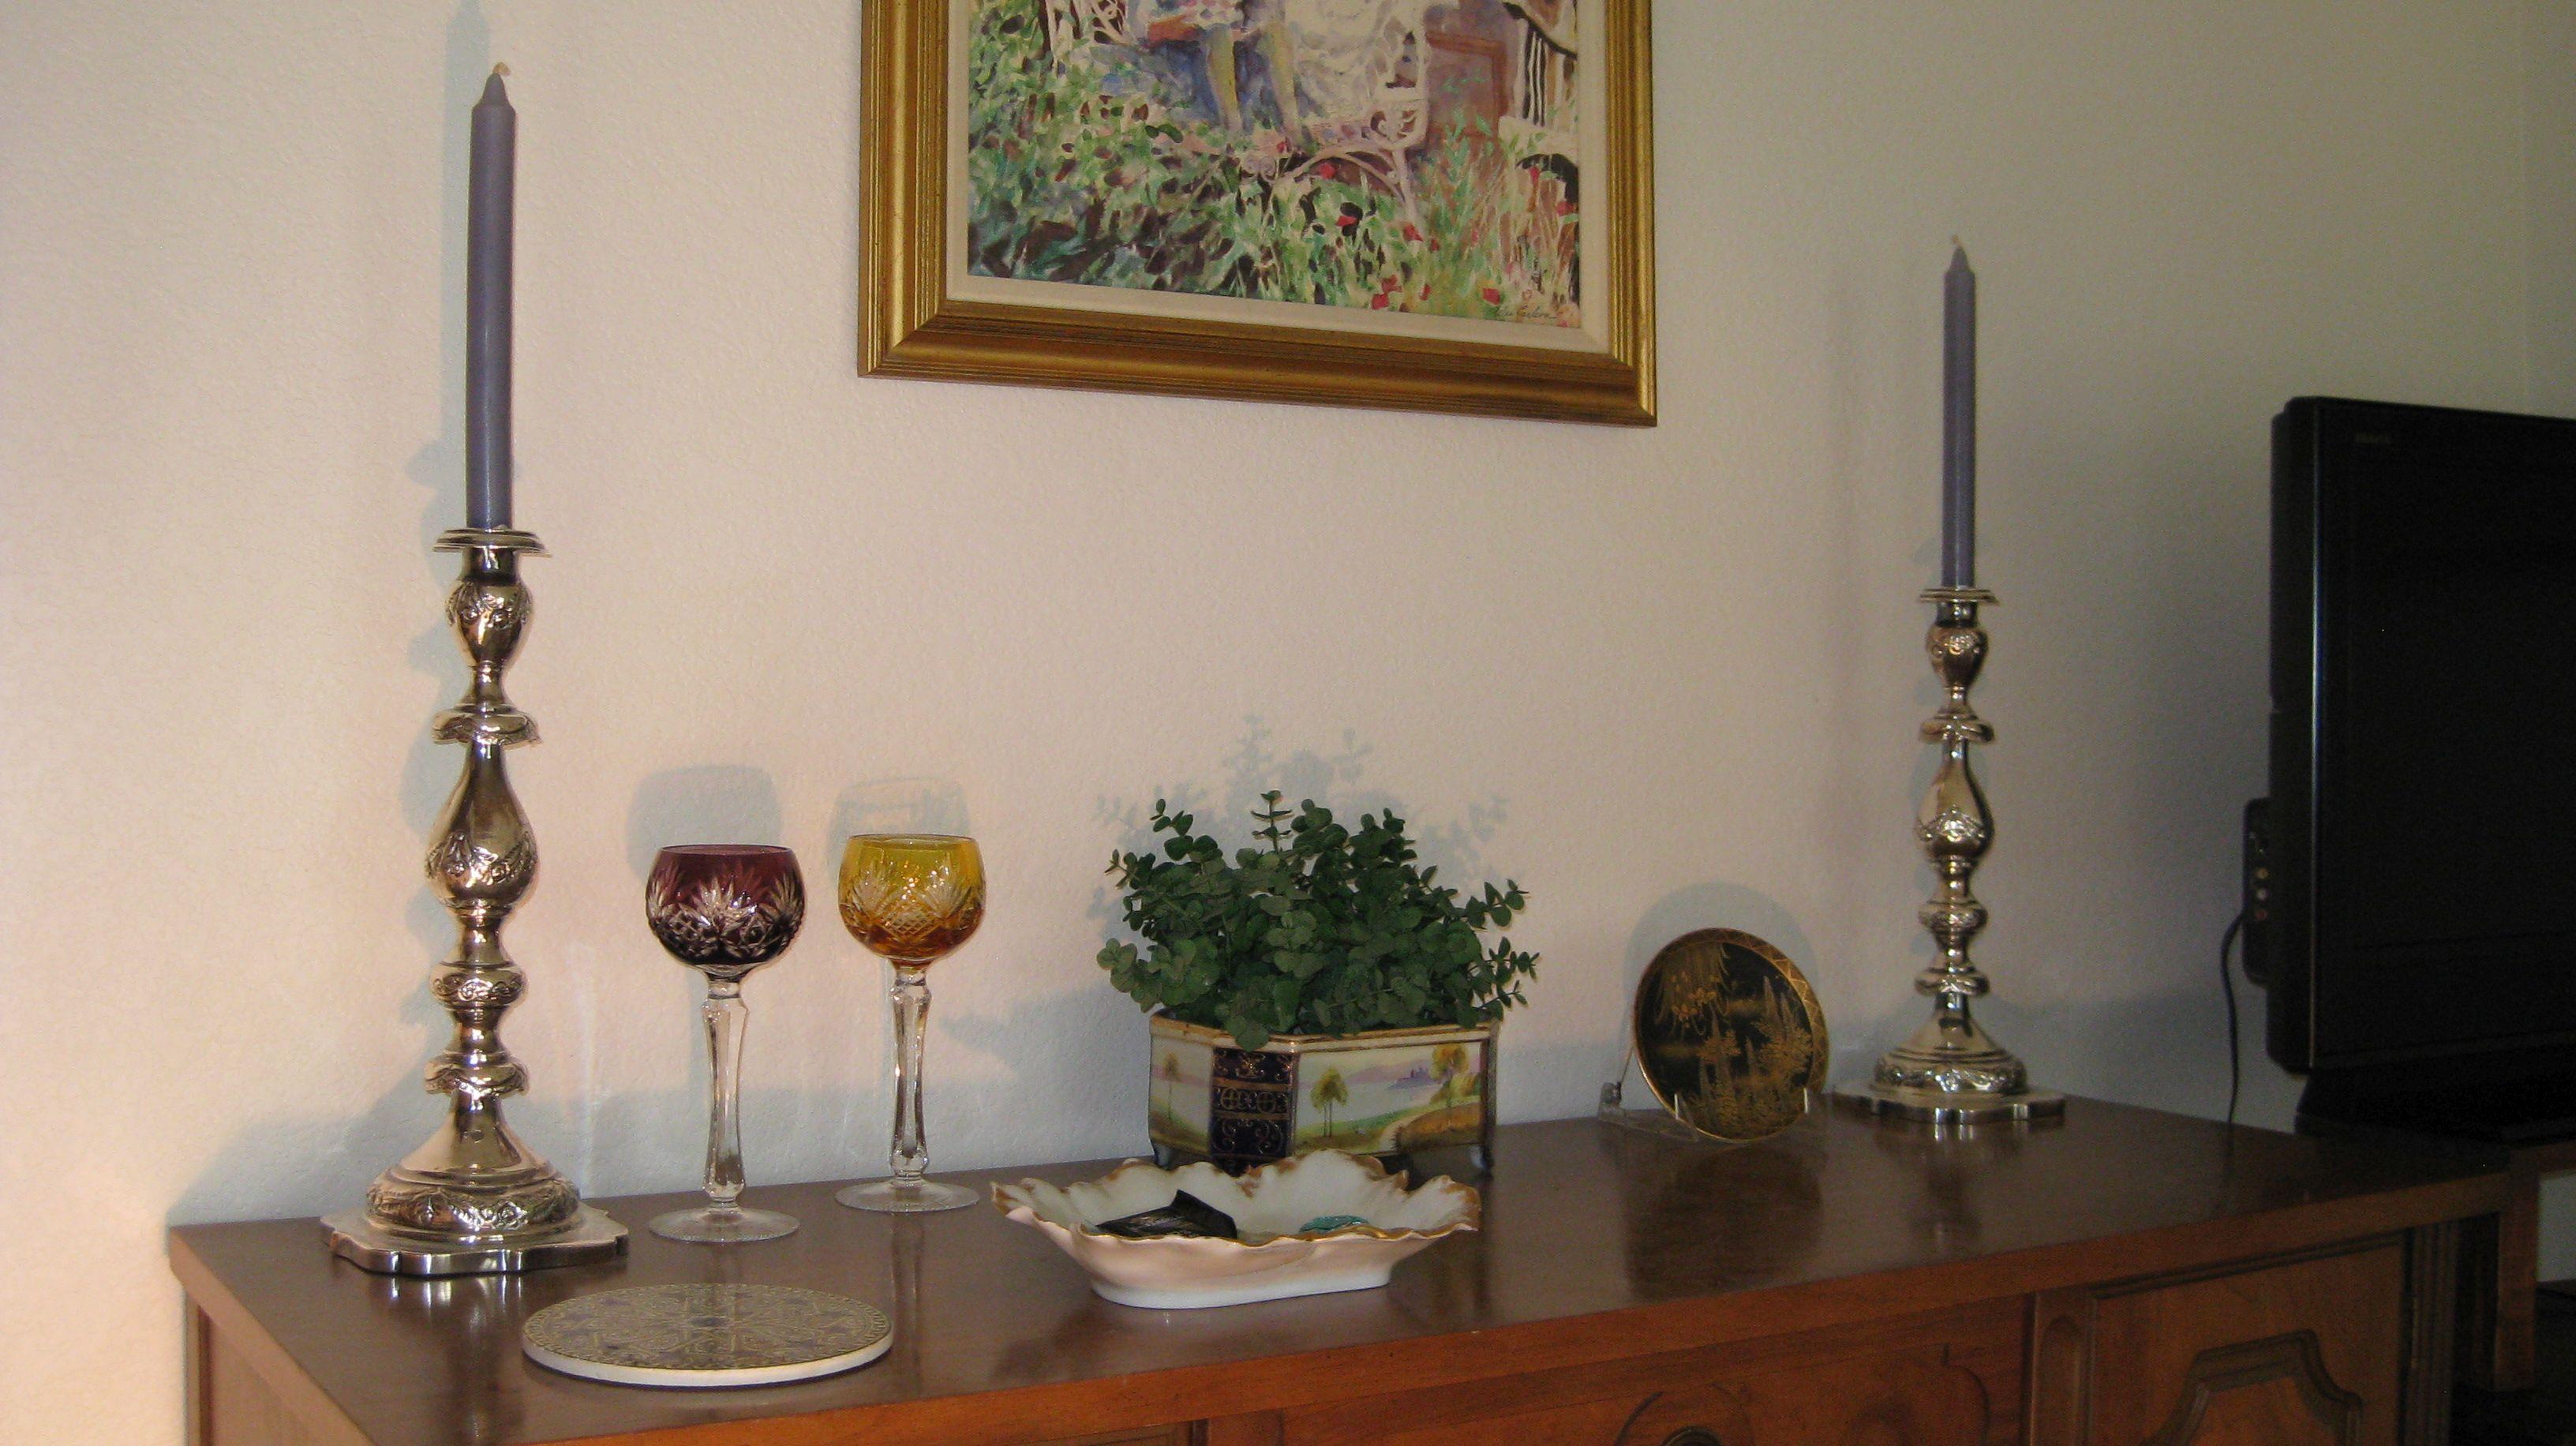 S1c. Candlesticks with medium size paitning